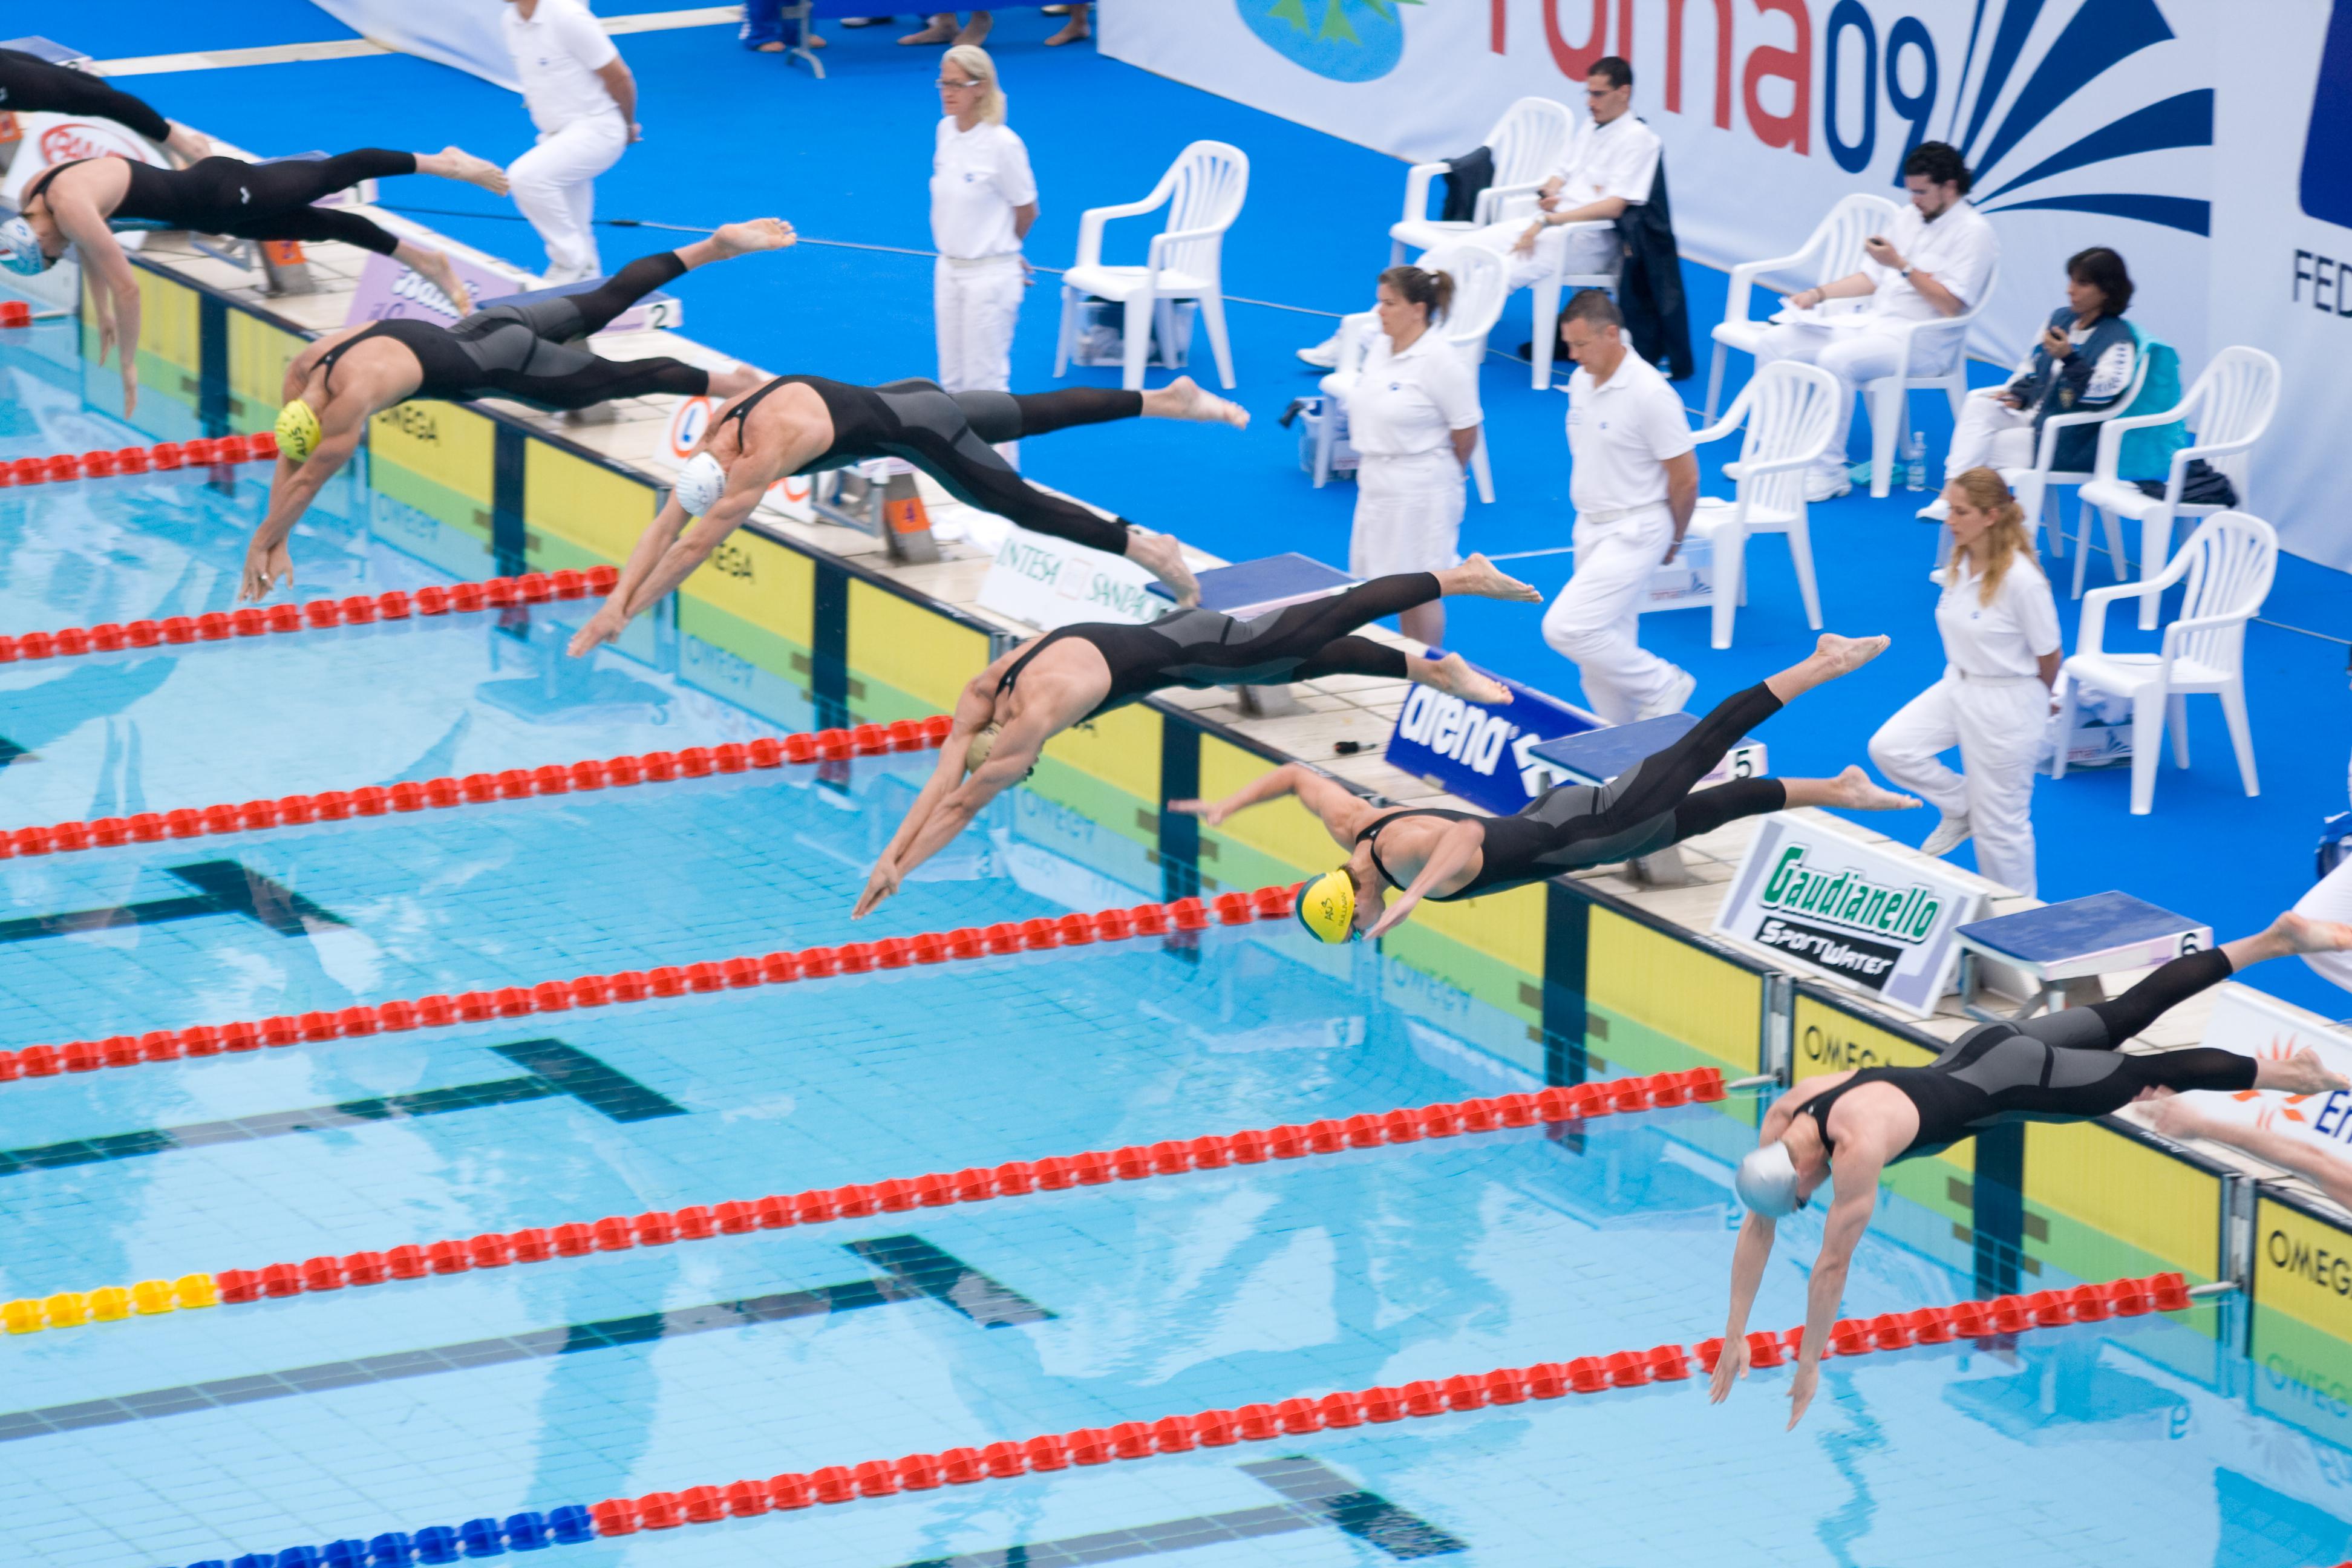 стиль картинки вольный плавания